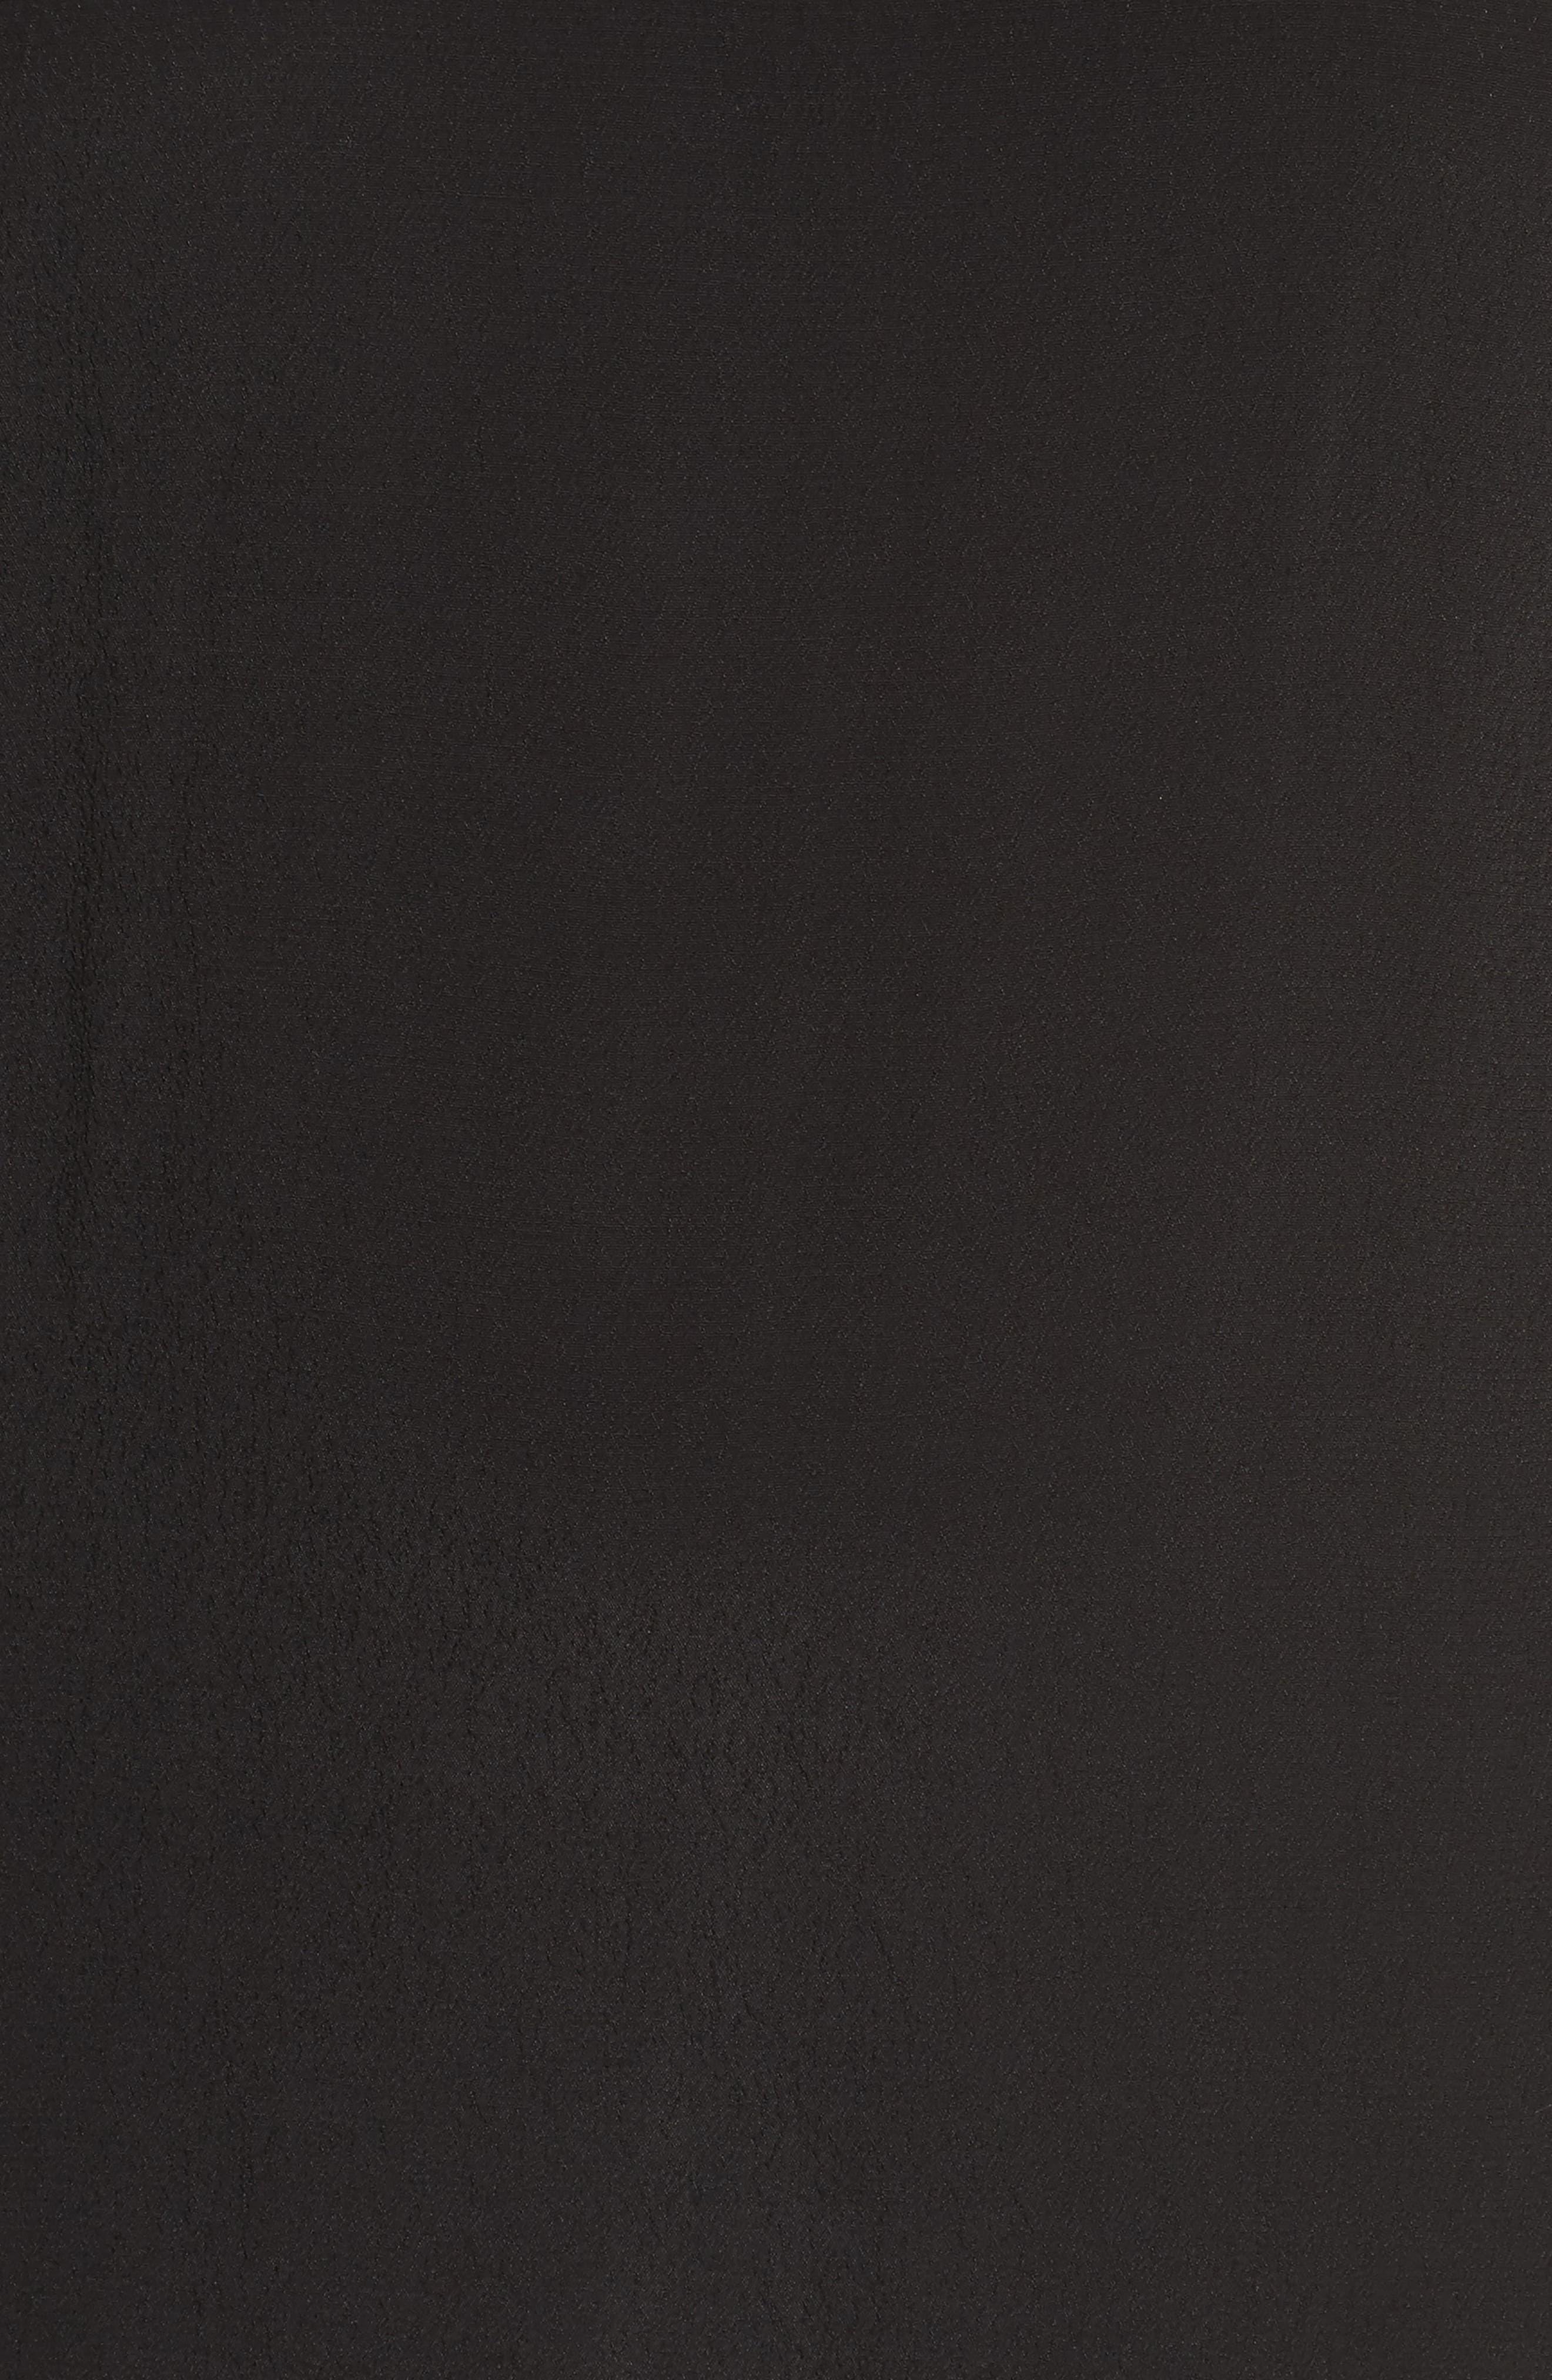 Alternate Image 4  - Muche et Muchette Jolie Lace Accent Cover-Up Dress (Plus-Size)